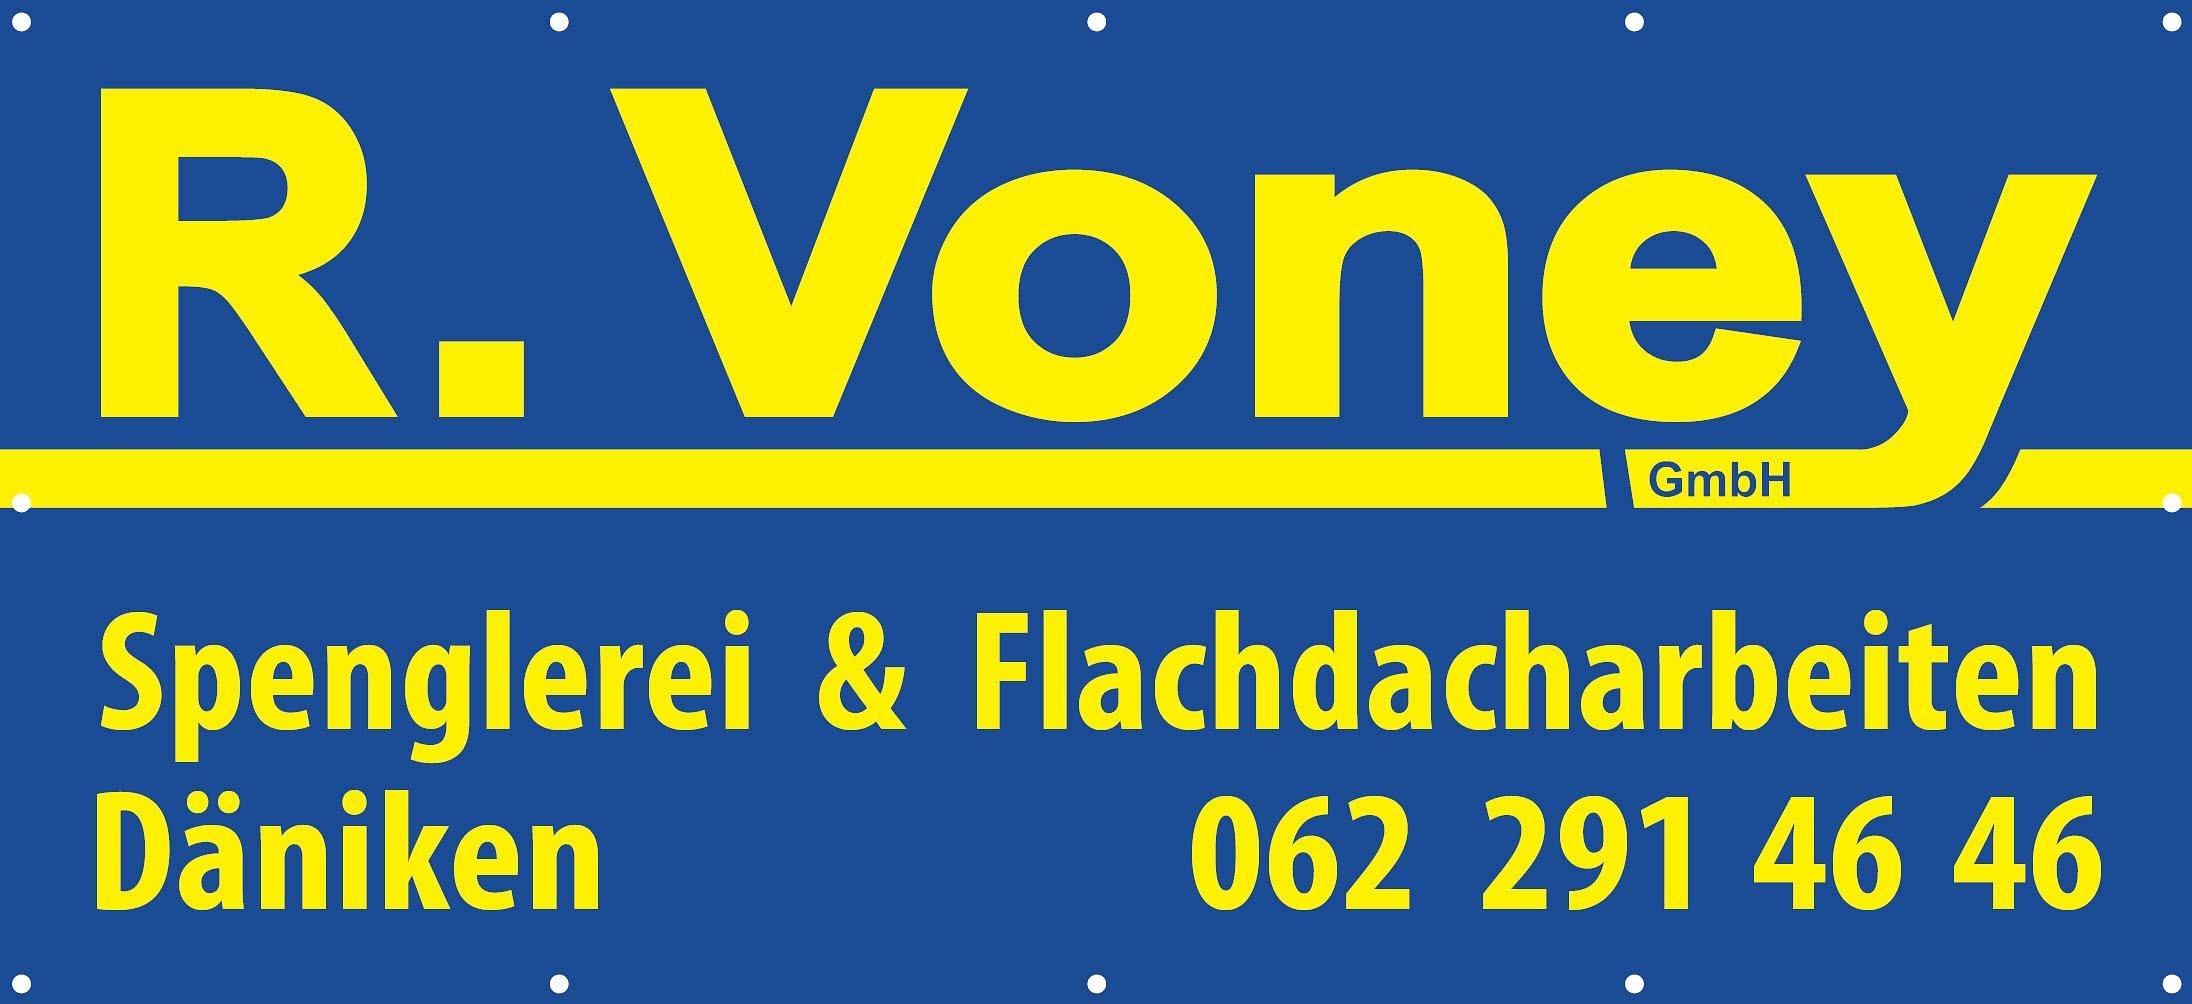 Voney R. GmbH